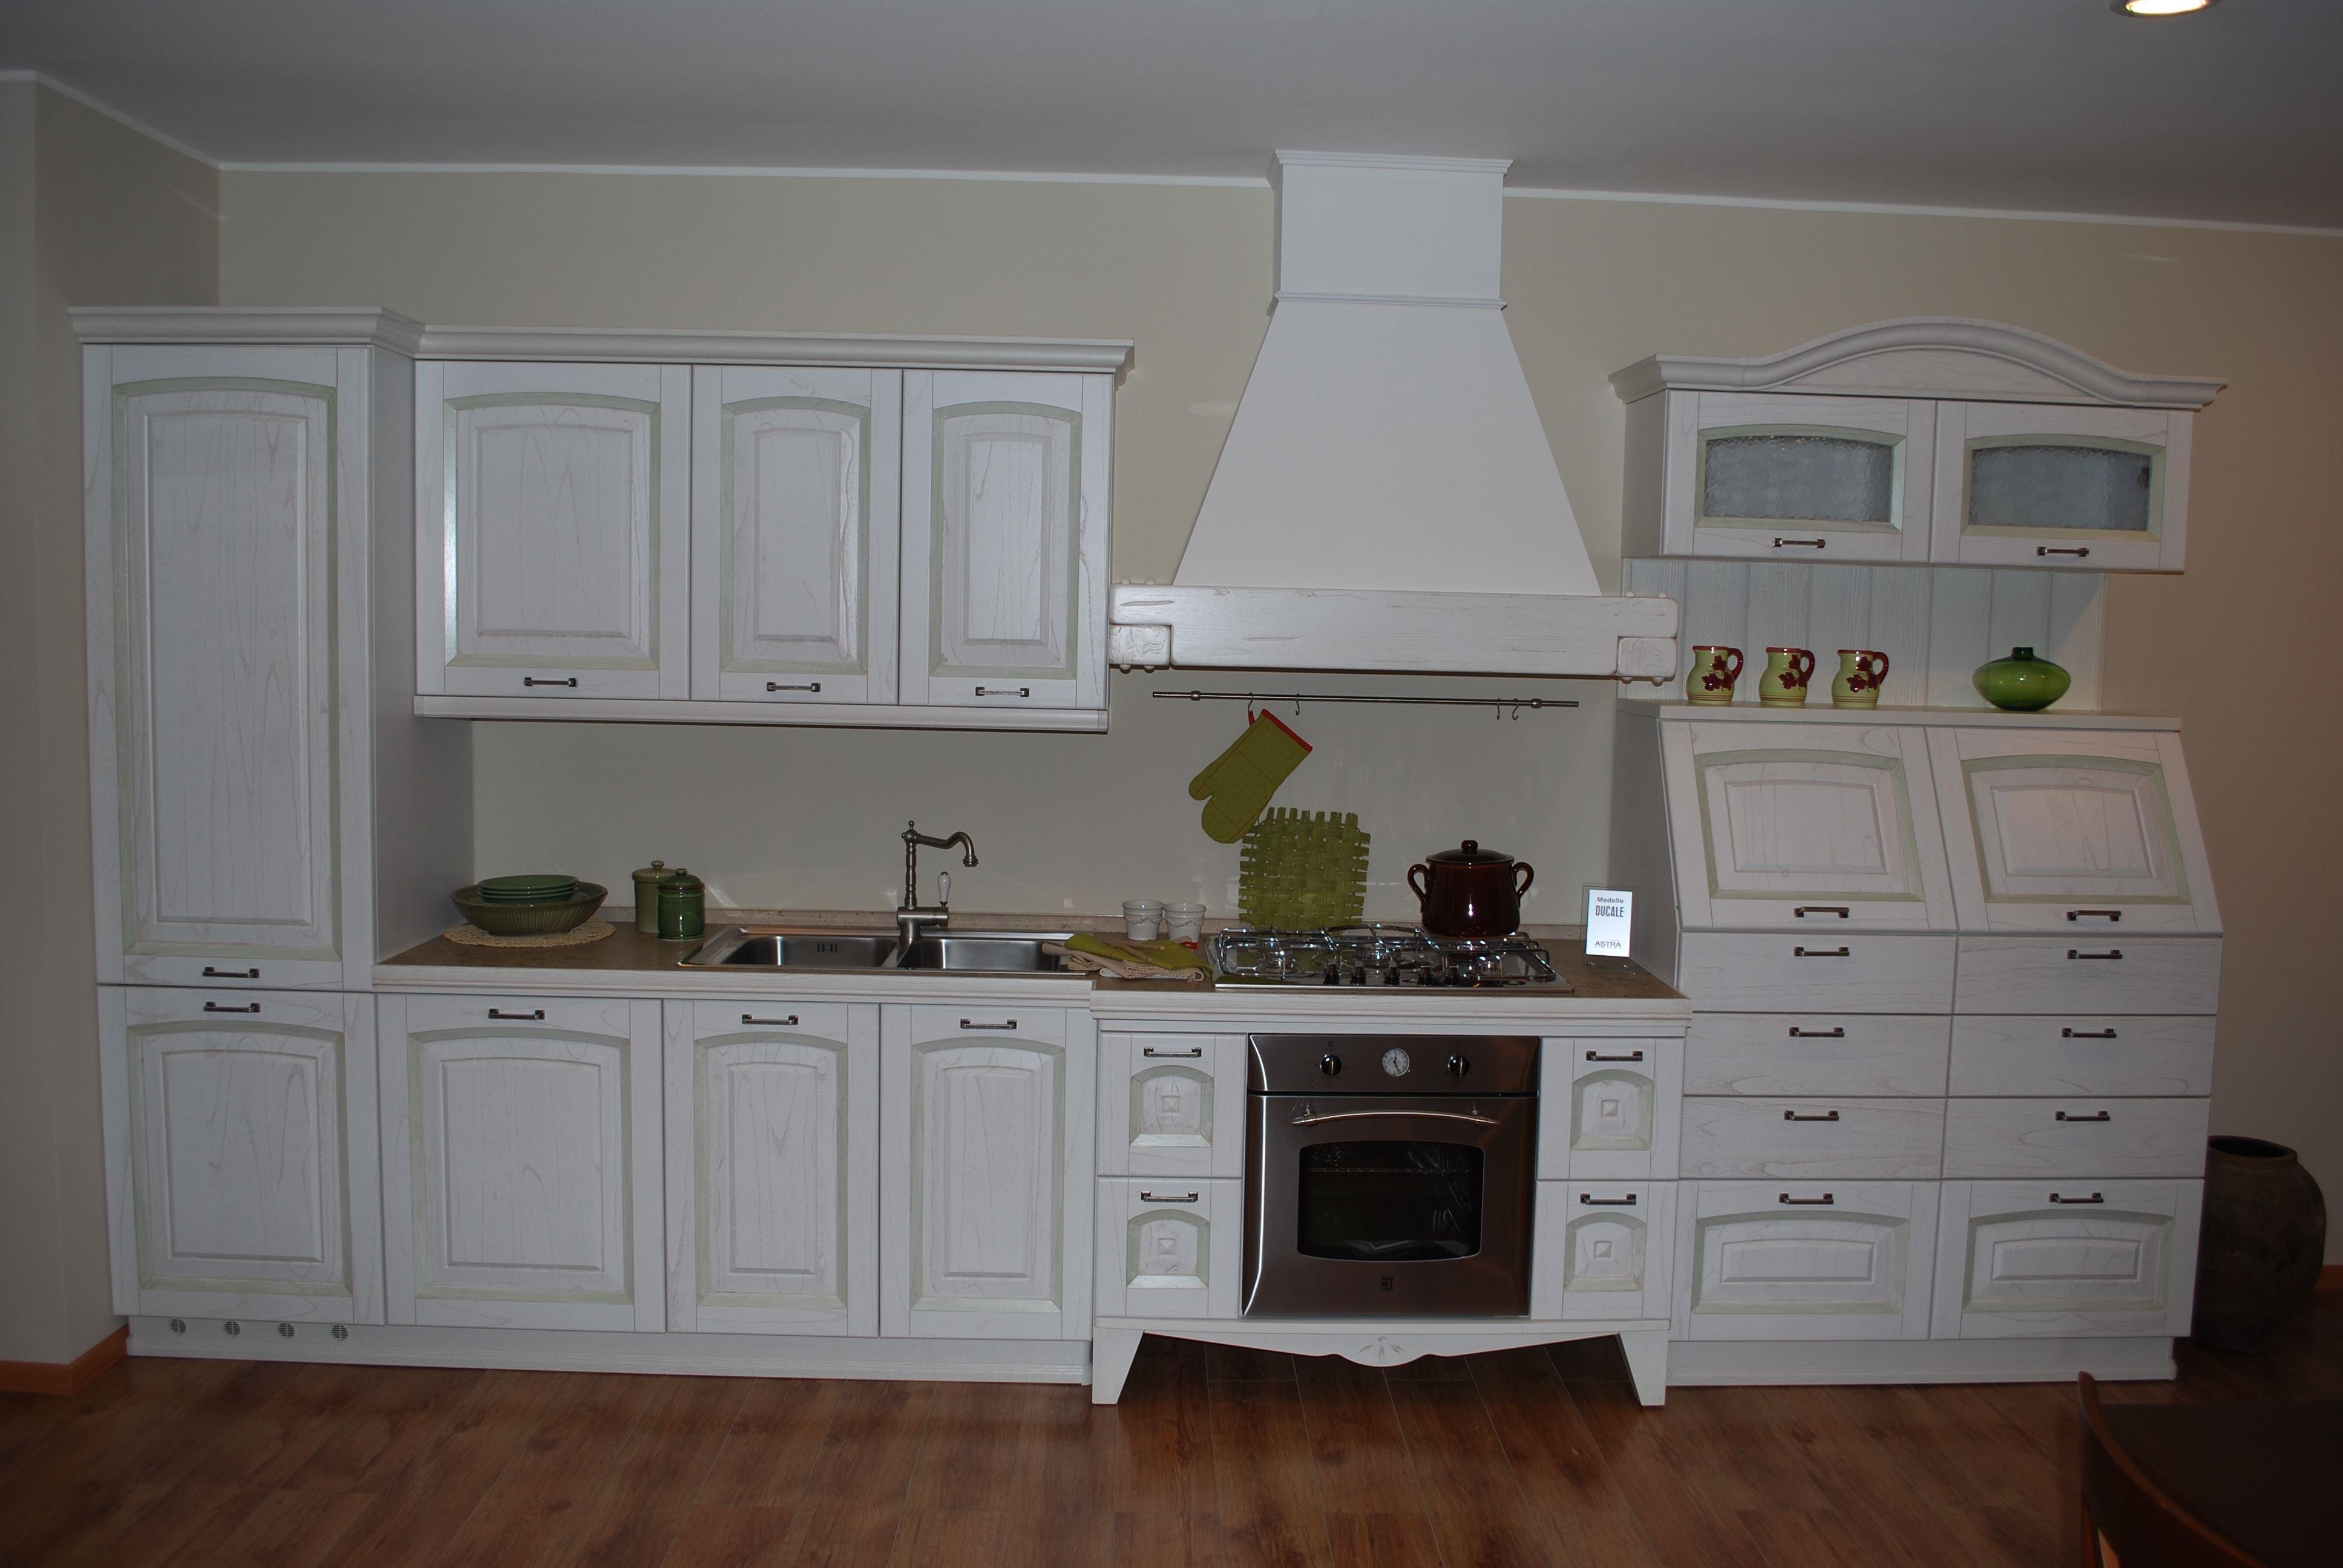 Prezzi cucine bianca in offerta pagina numero 16 ordinata per prezzo